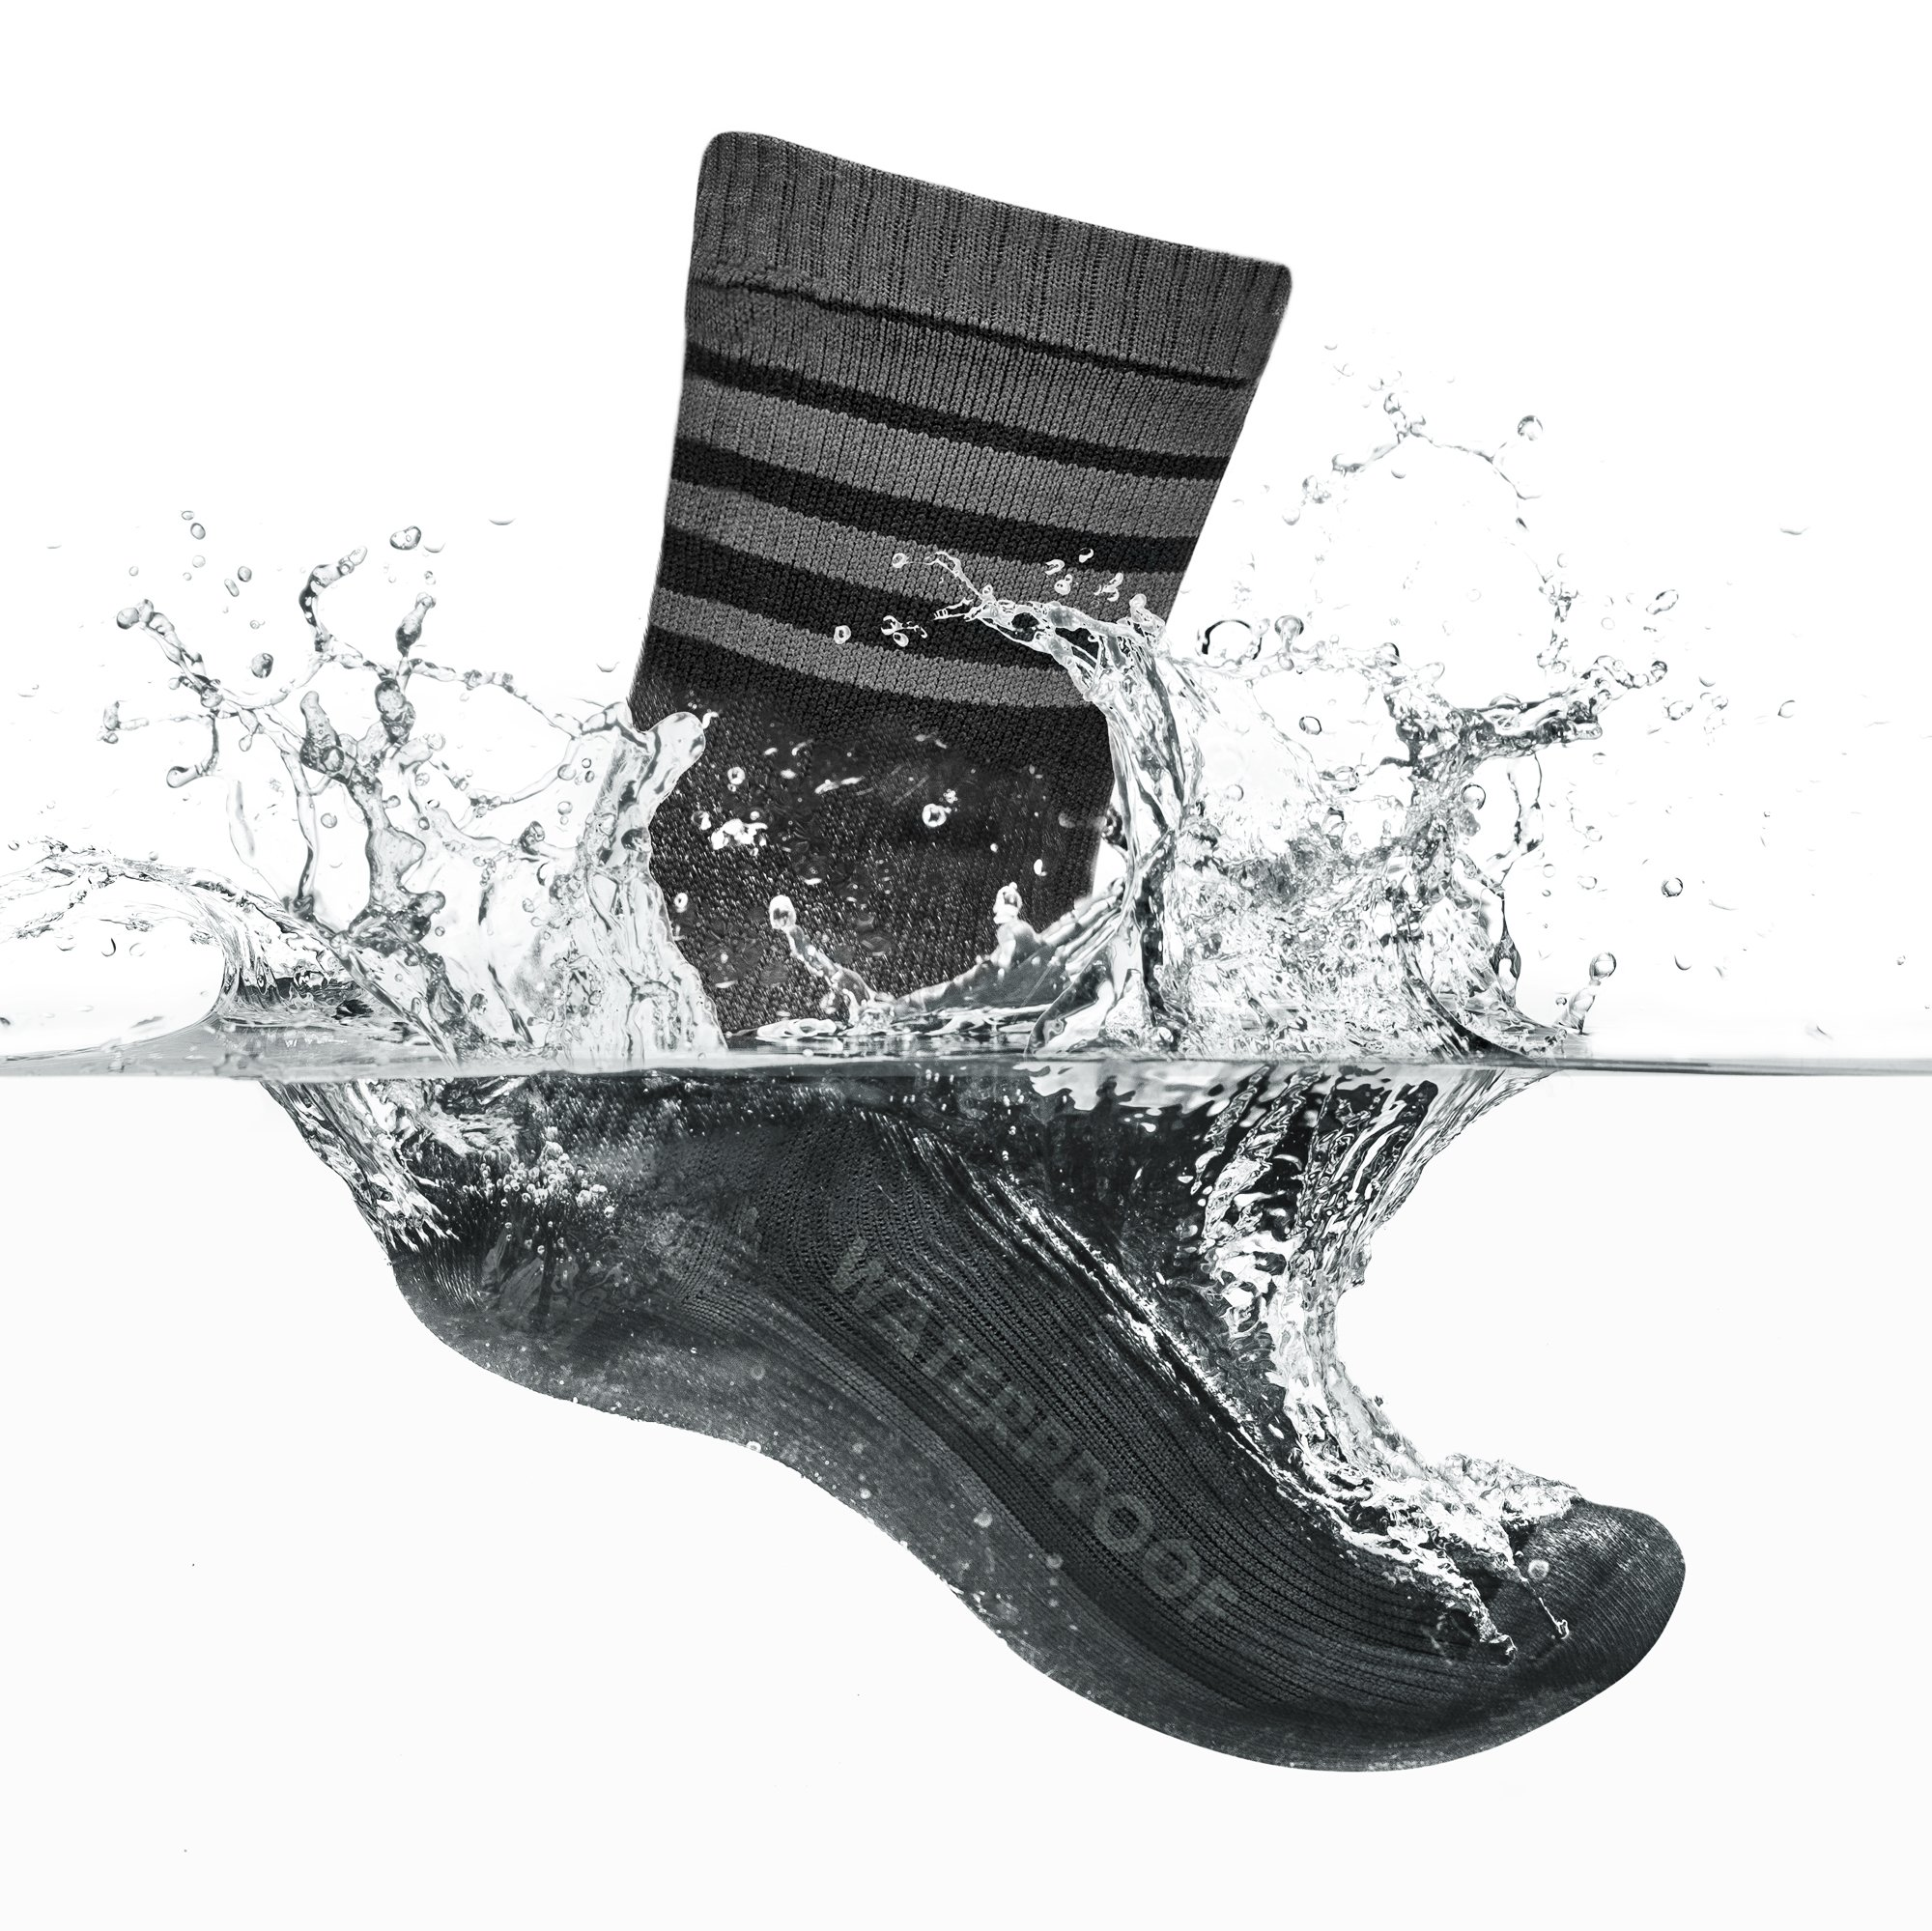 GripGrab Waterproof Merino Sock pic 1 2019.jpg